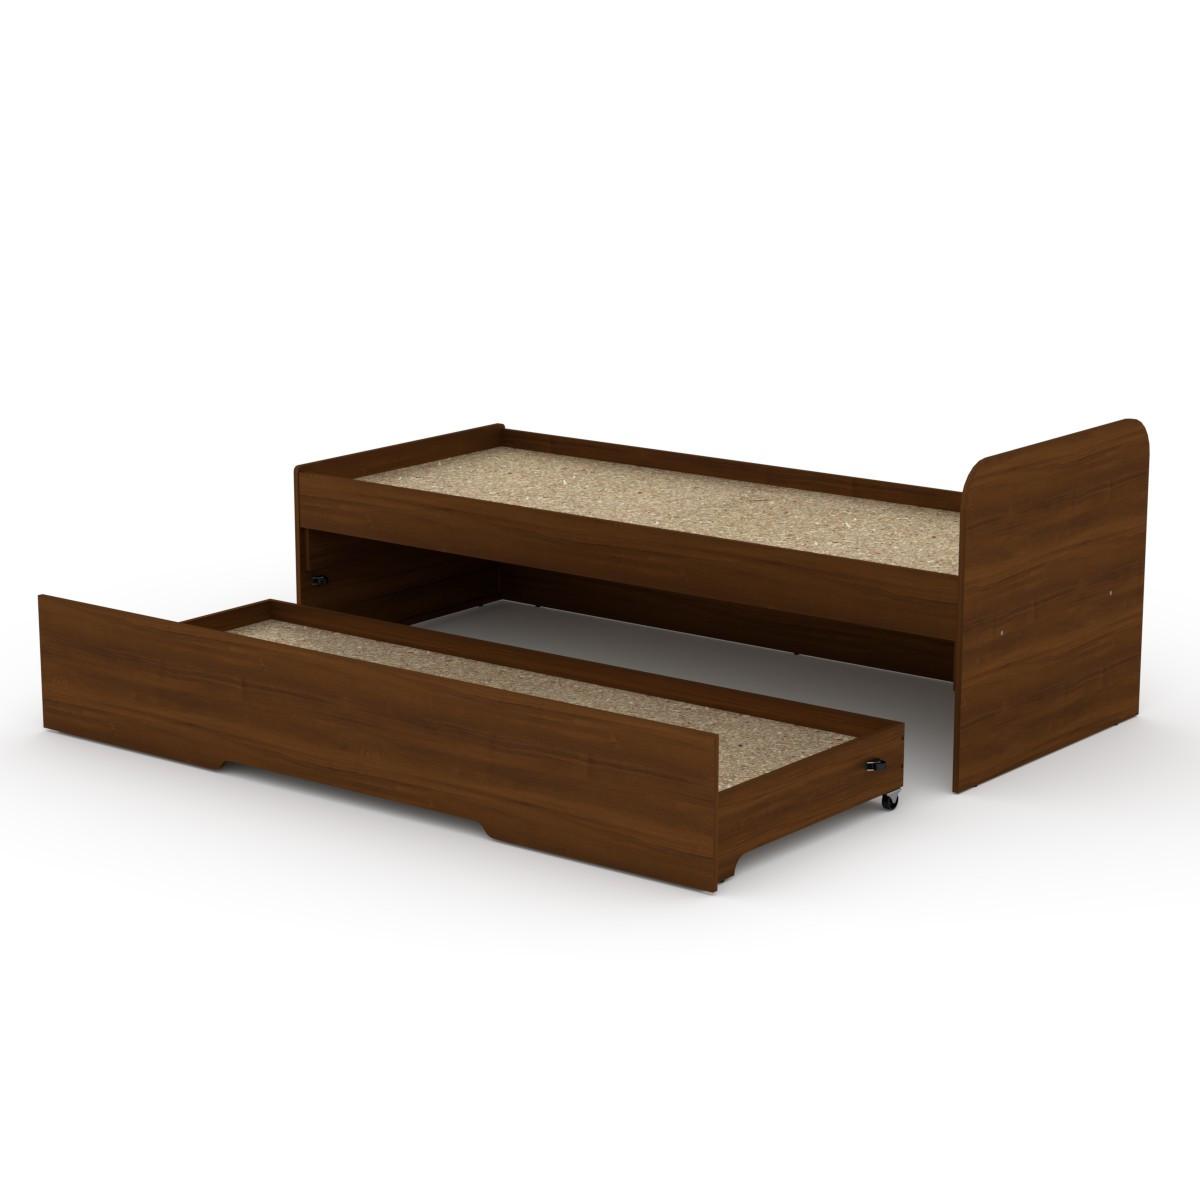 Односпальне ліжко 80 + 70 з додатковим спальним місцем